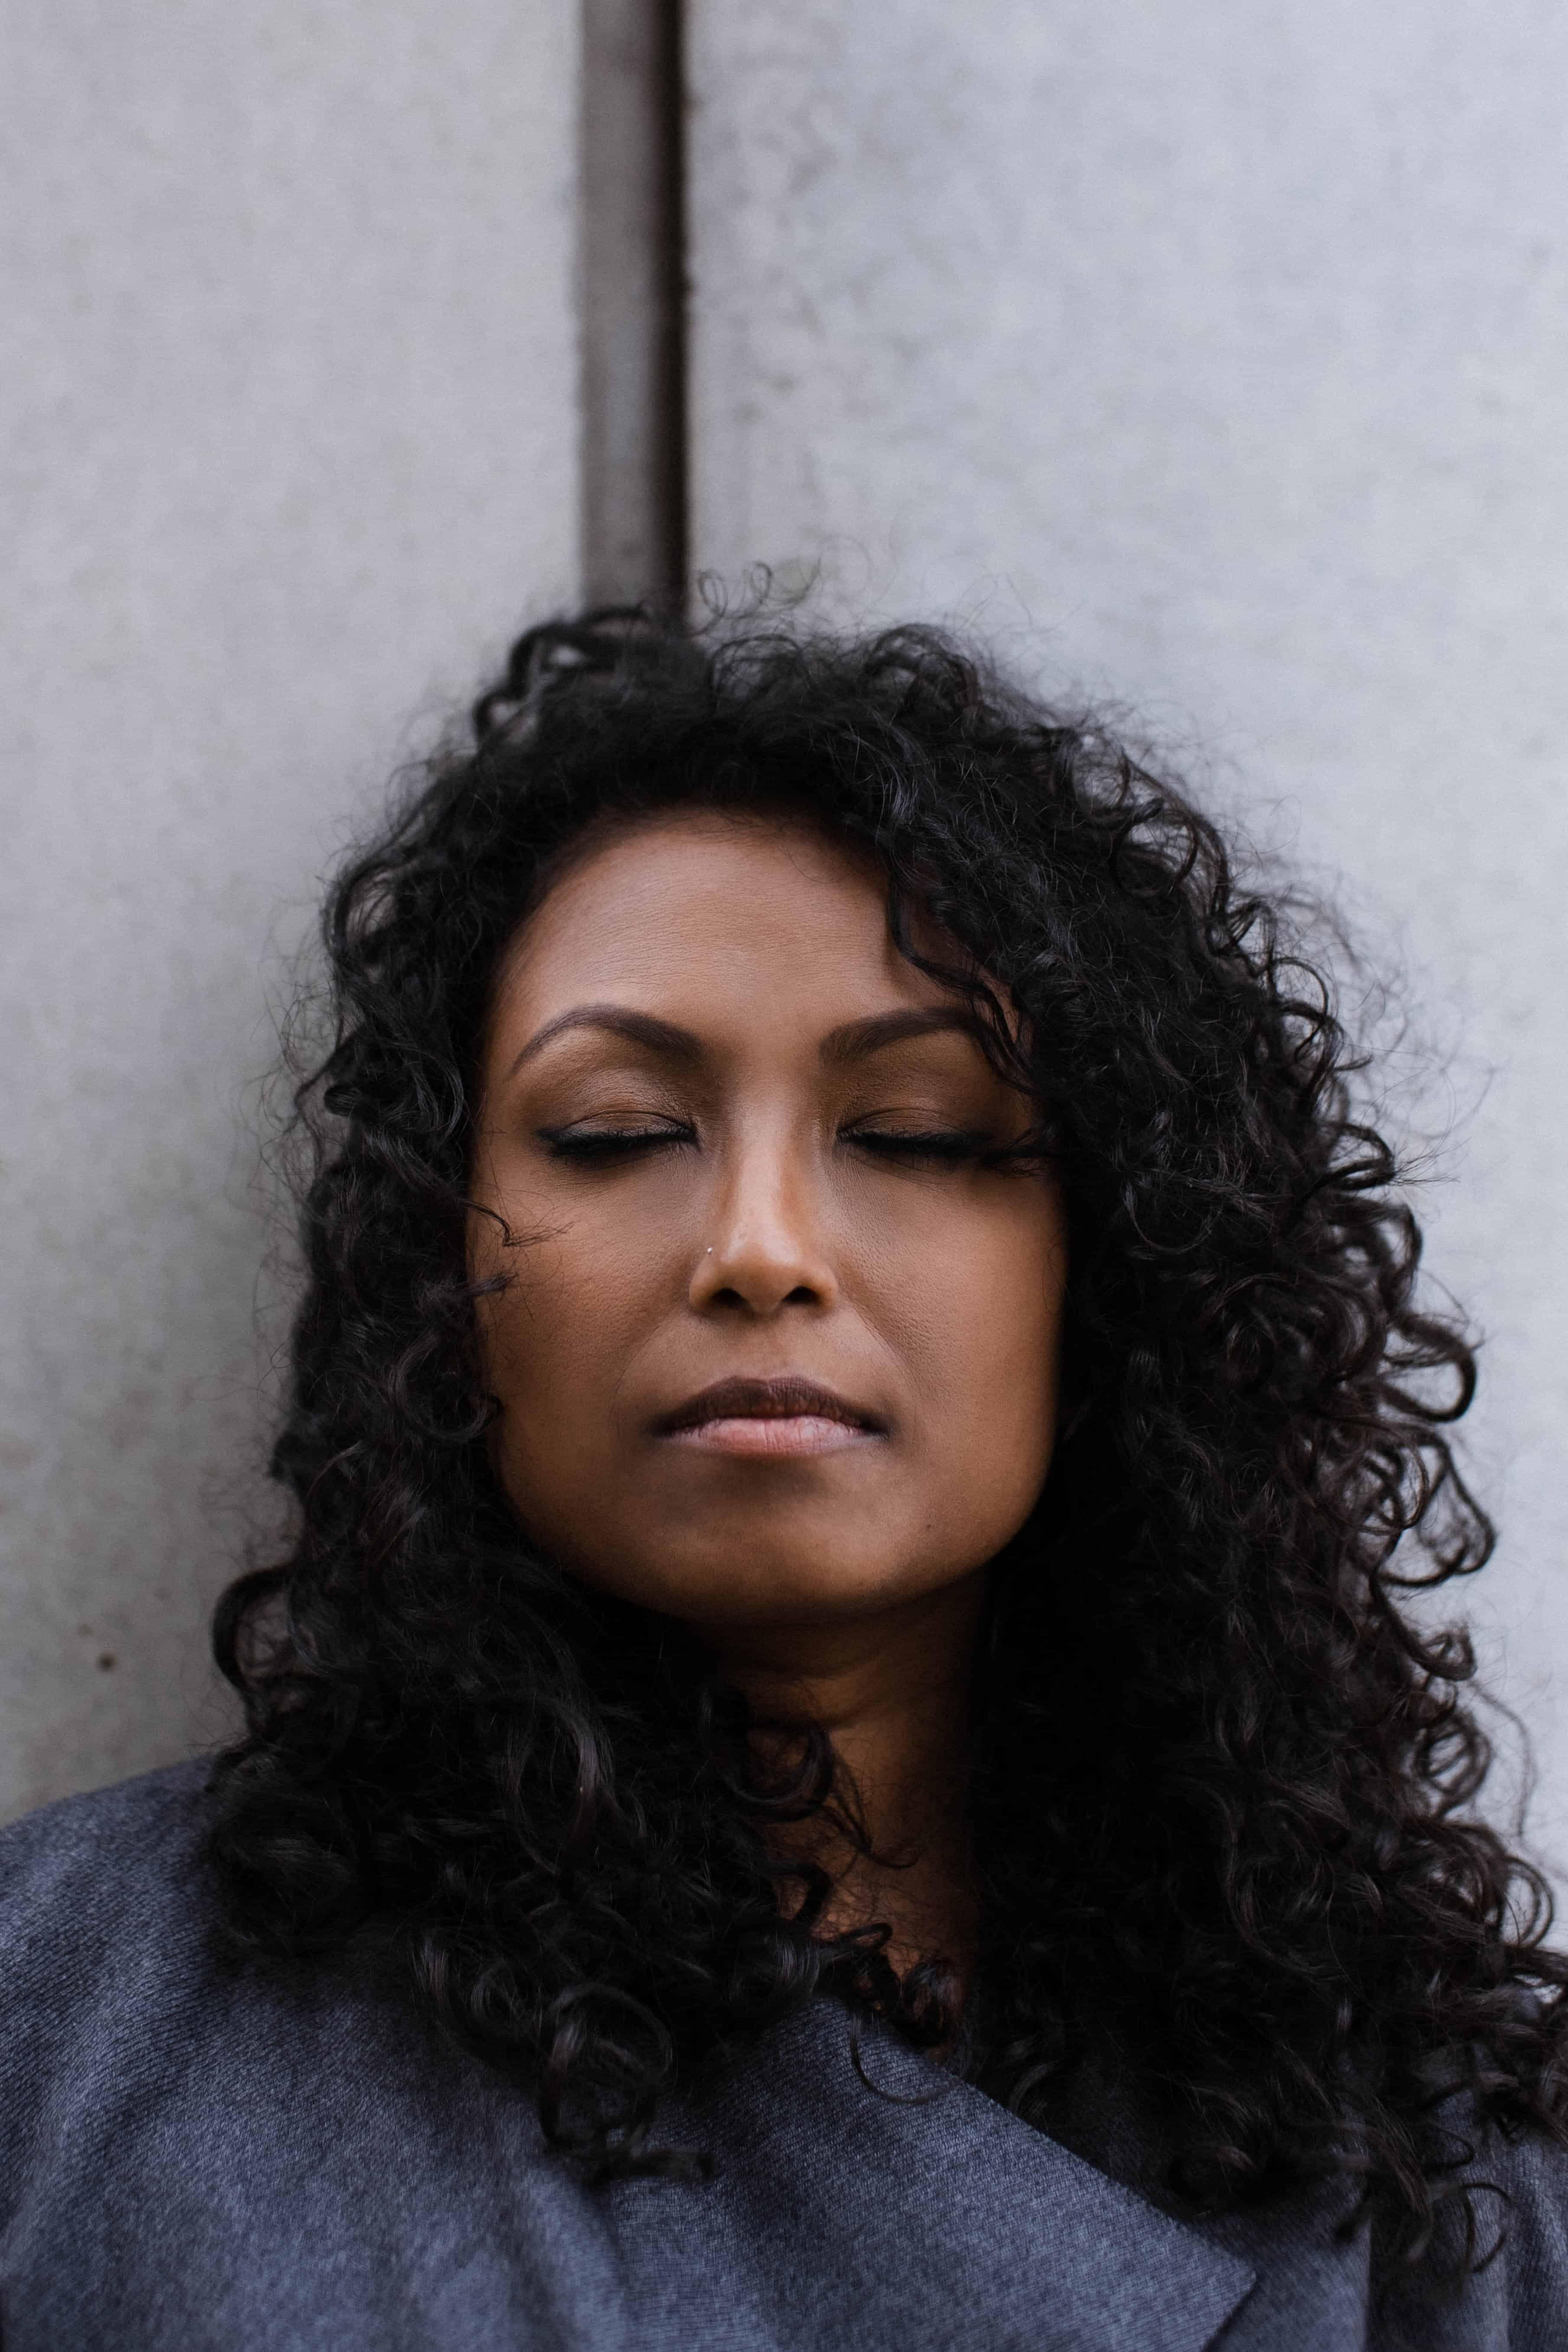 Nahaufnahme einer Frau, die an einer hellen Betonwand lehnt, sie hat geschlossene Augen